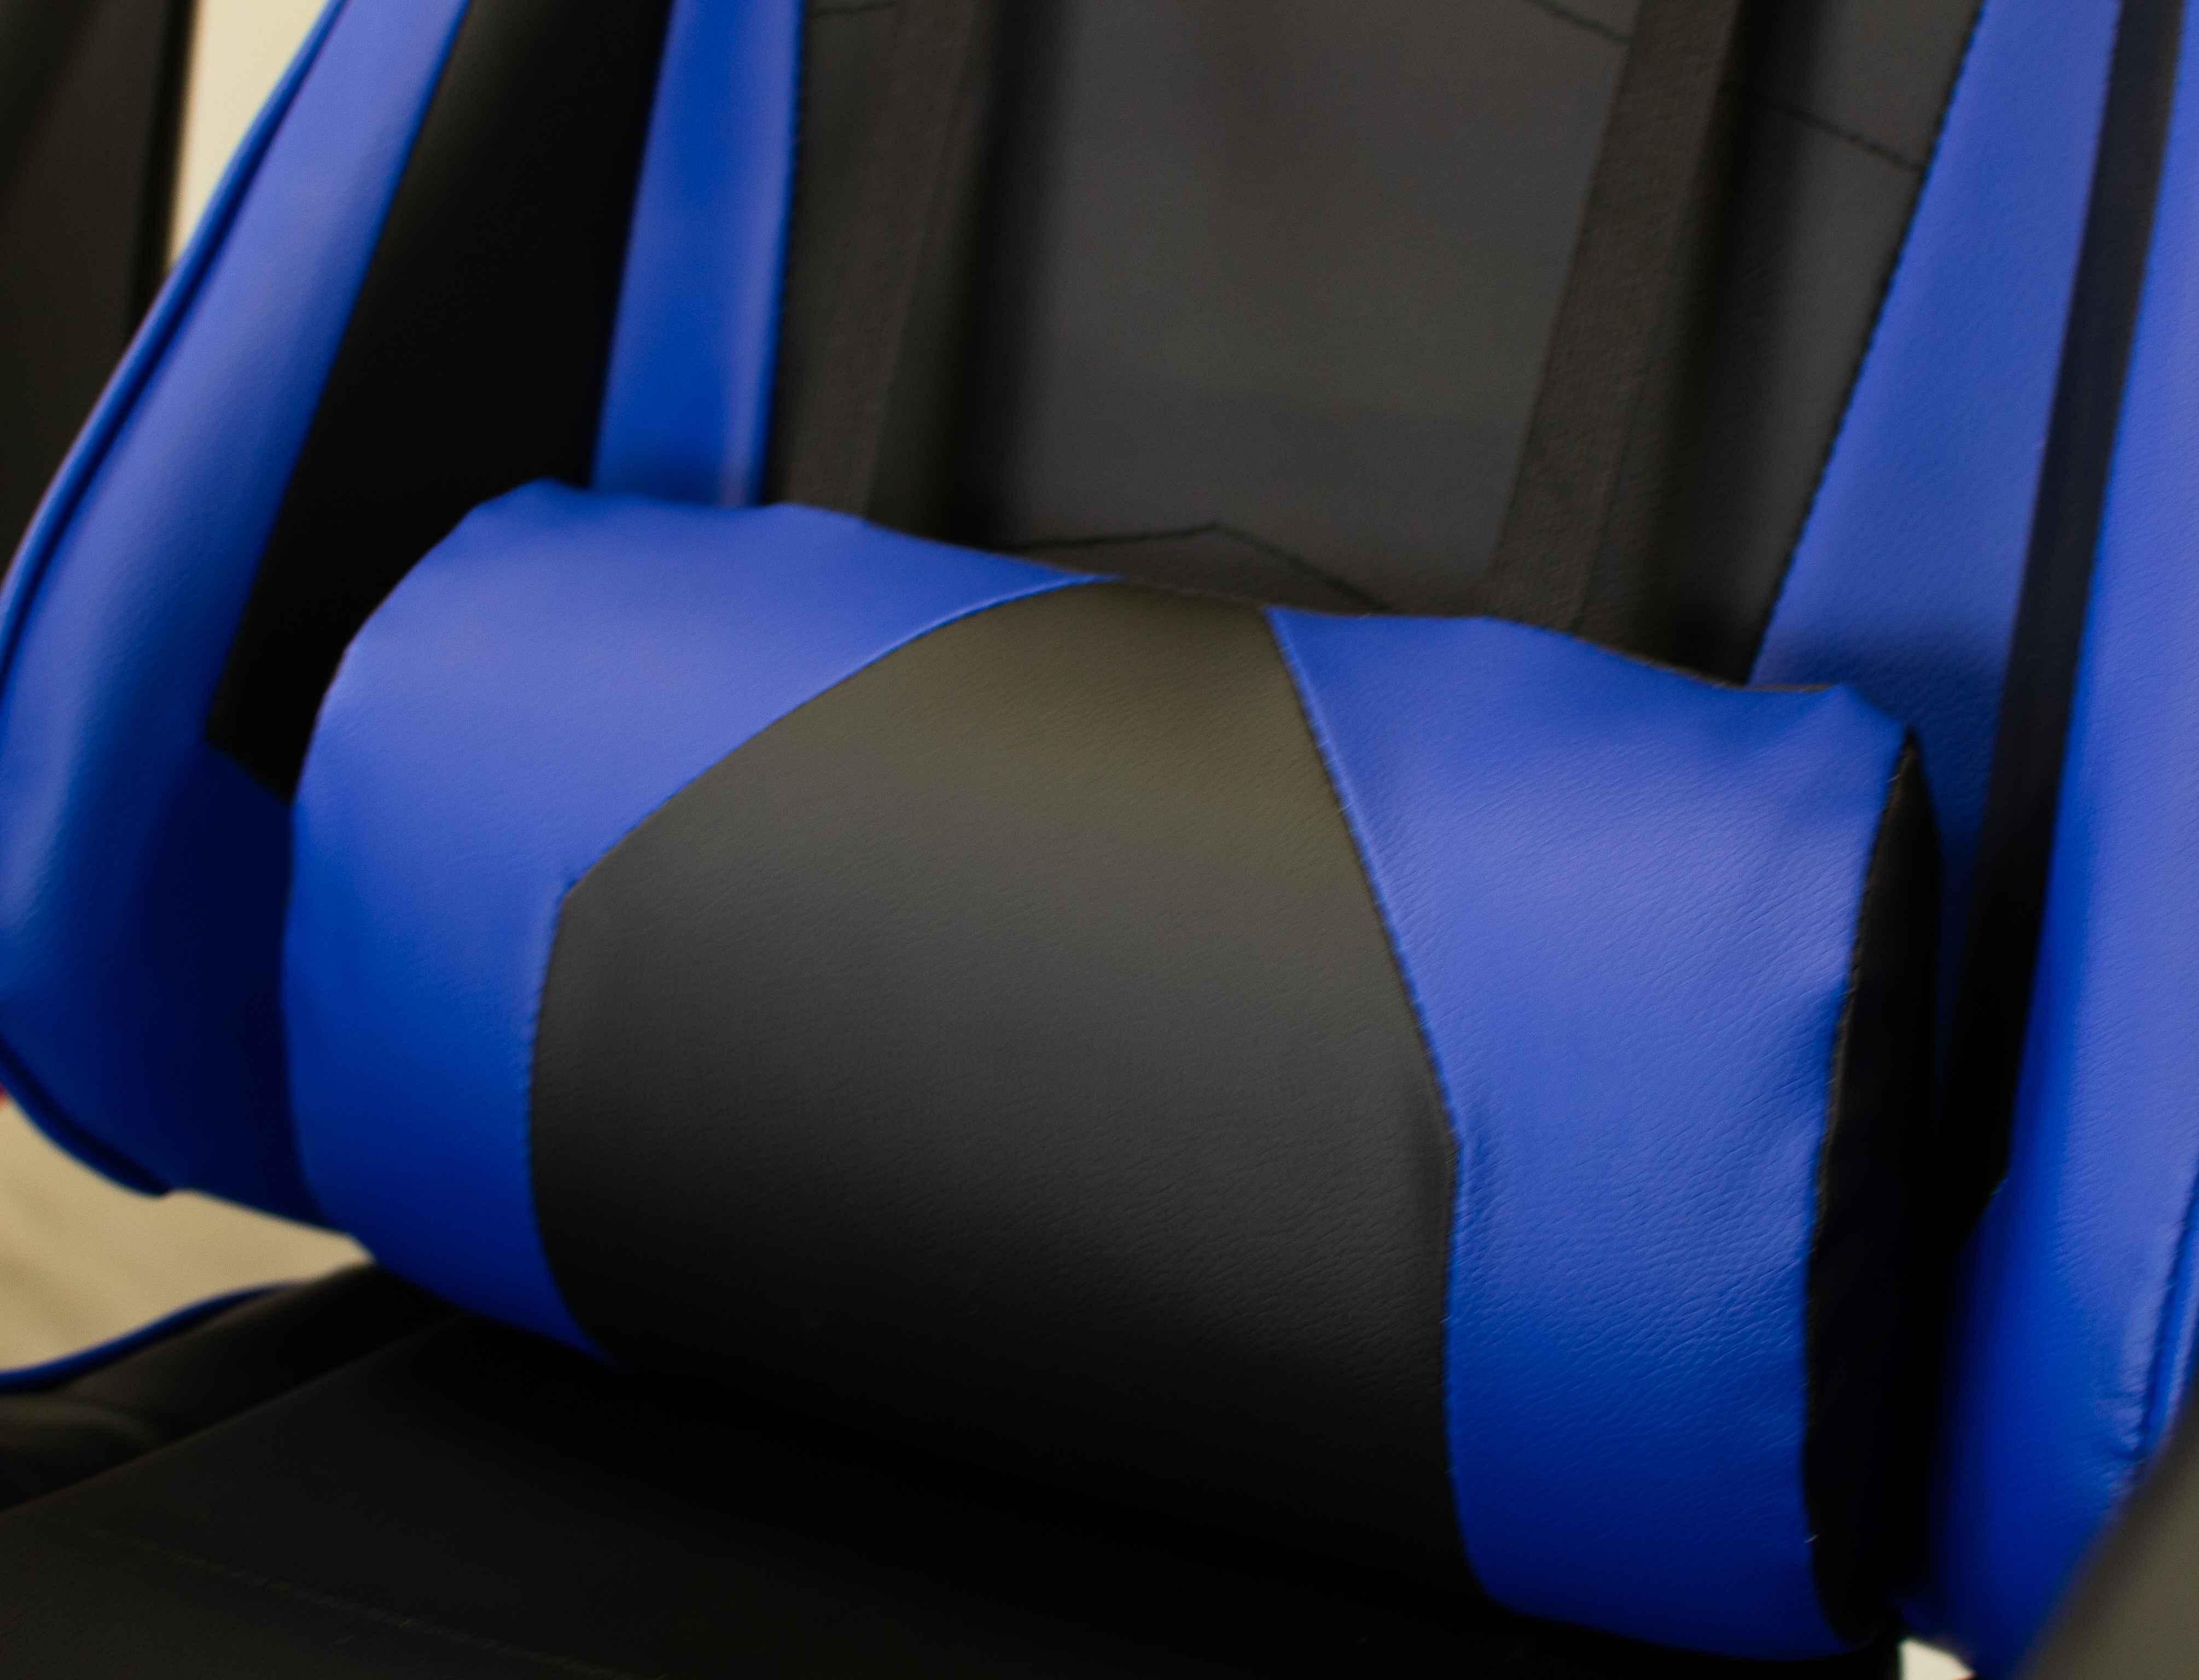 miniatura 43 - Sedia Poltrona da Gaming per Ufficio reclinabile Imbottita ergonomica GTX RTX